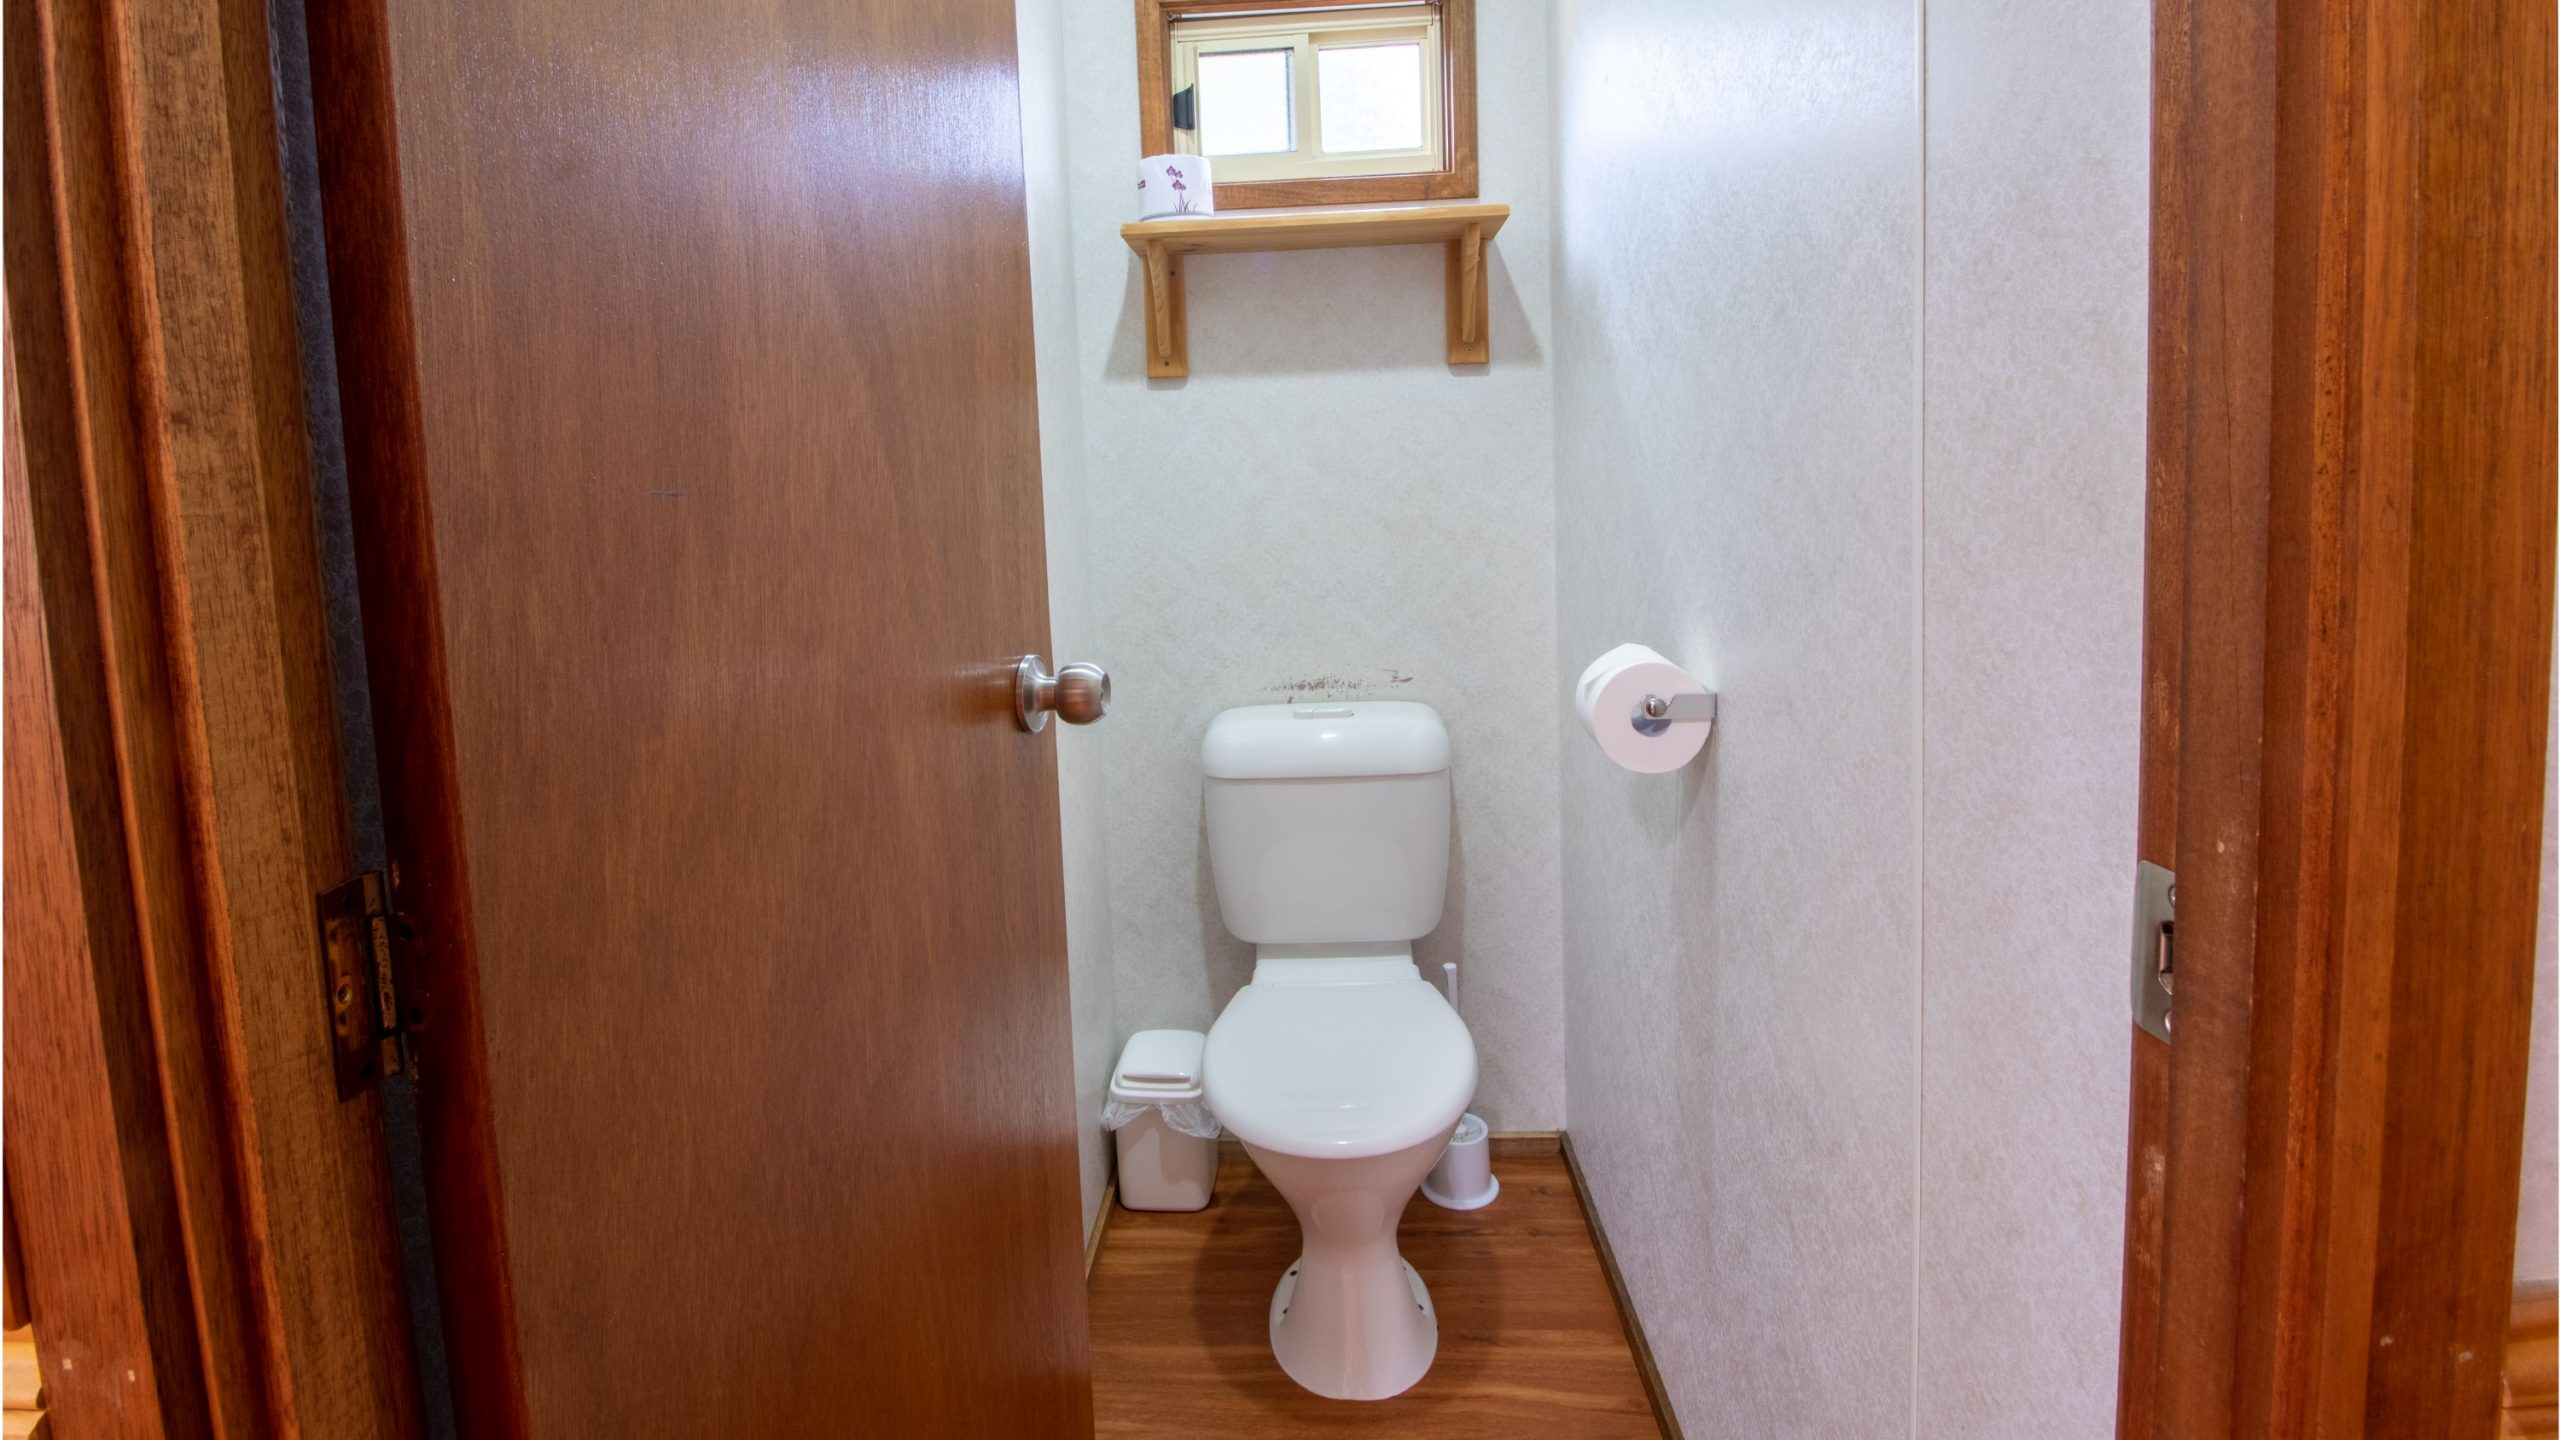 Deluxe Cabin toilet